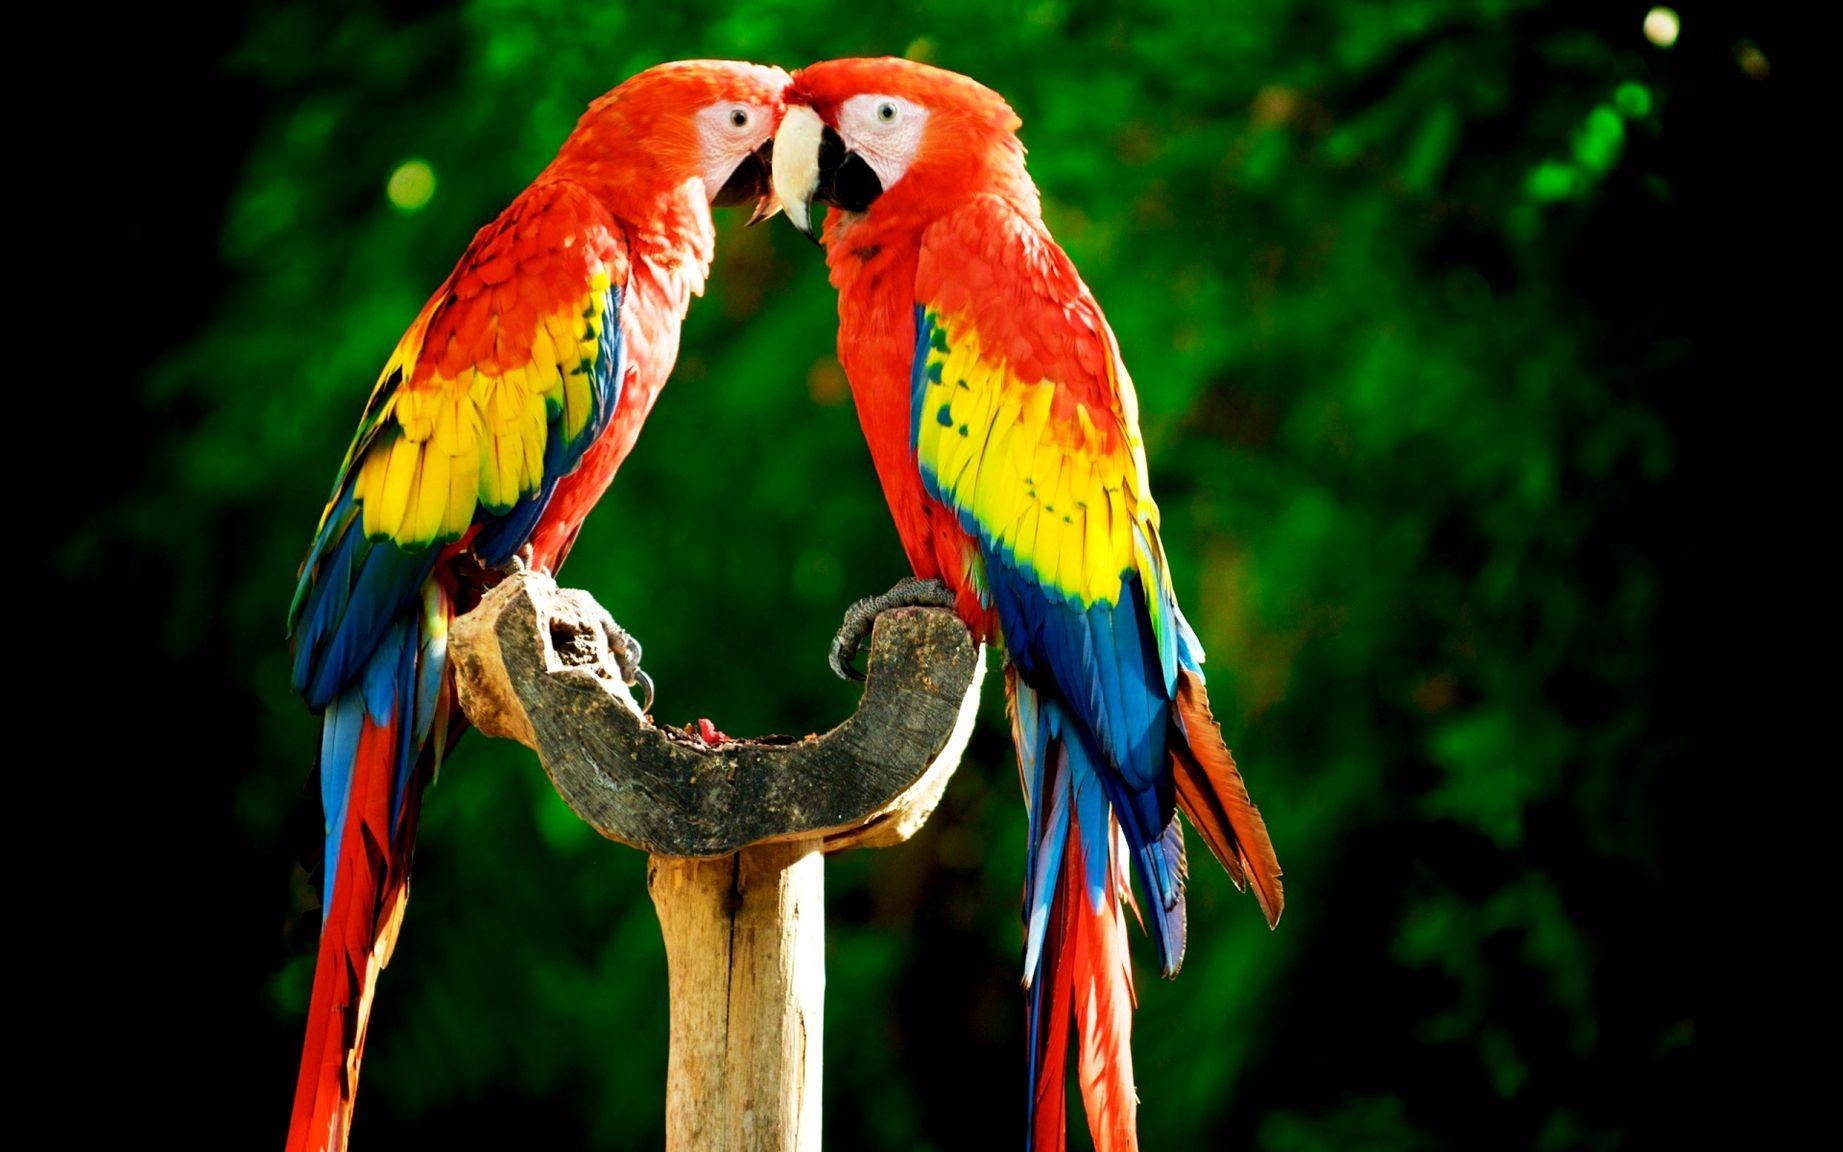 Картинки попугаев красивые